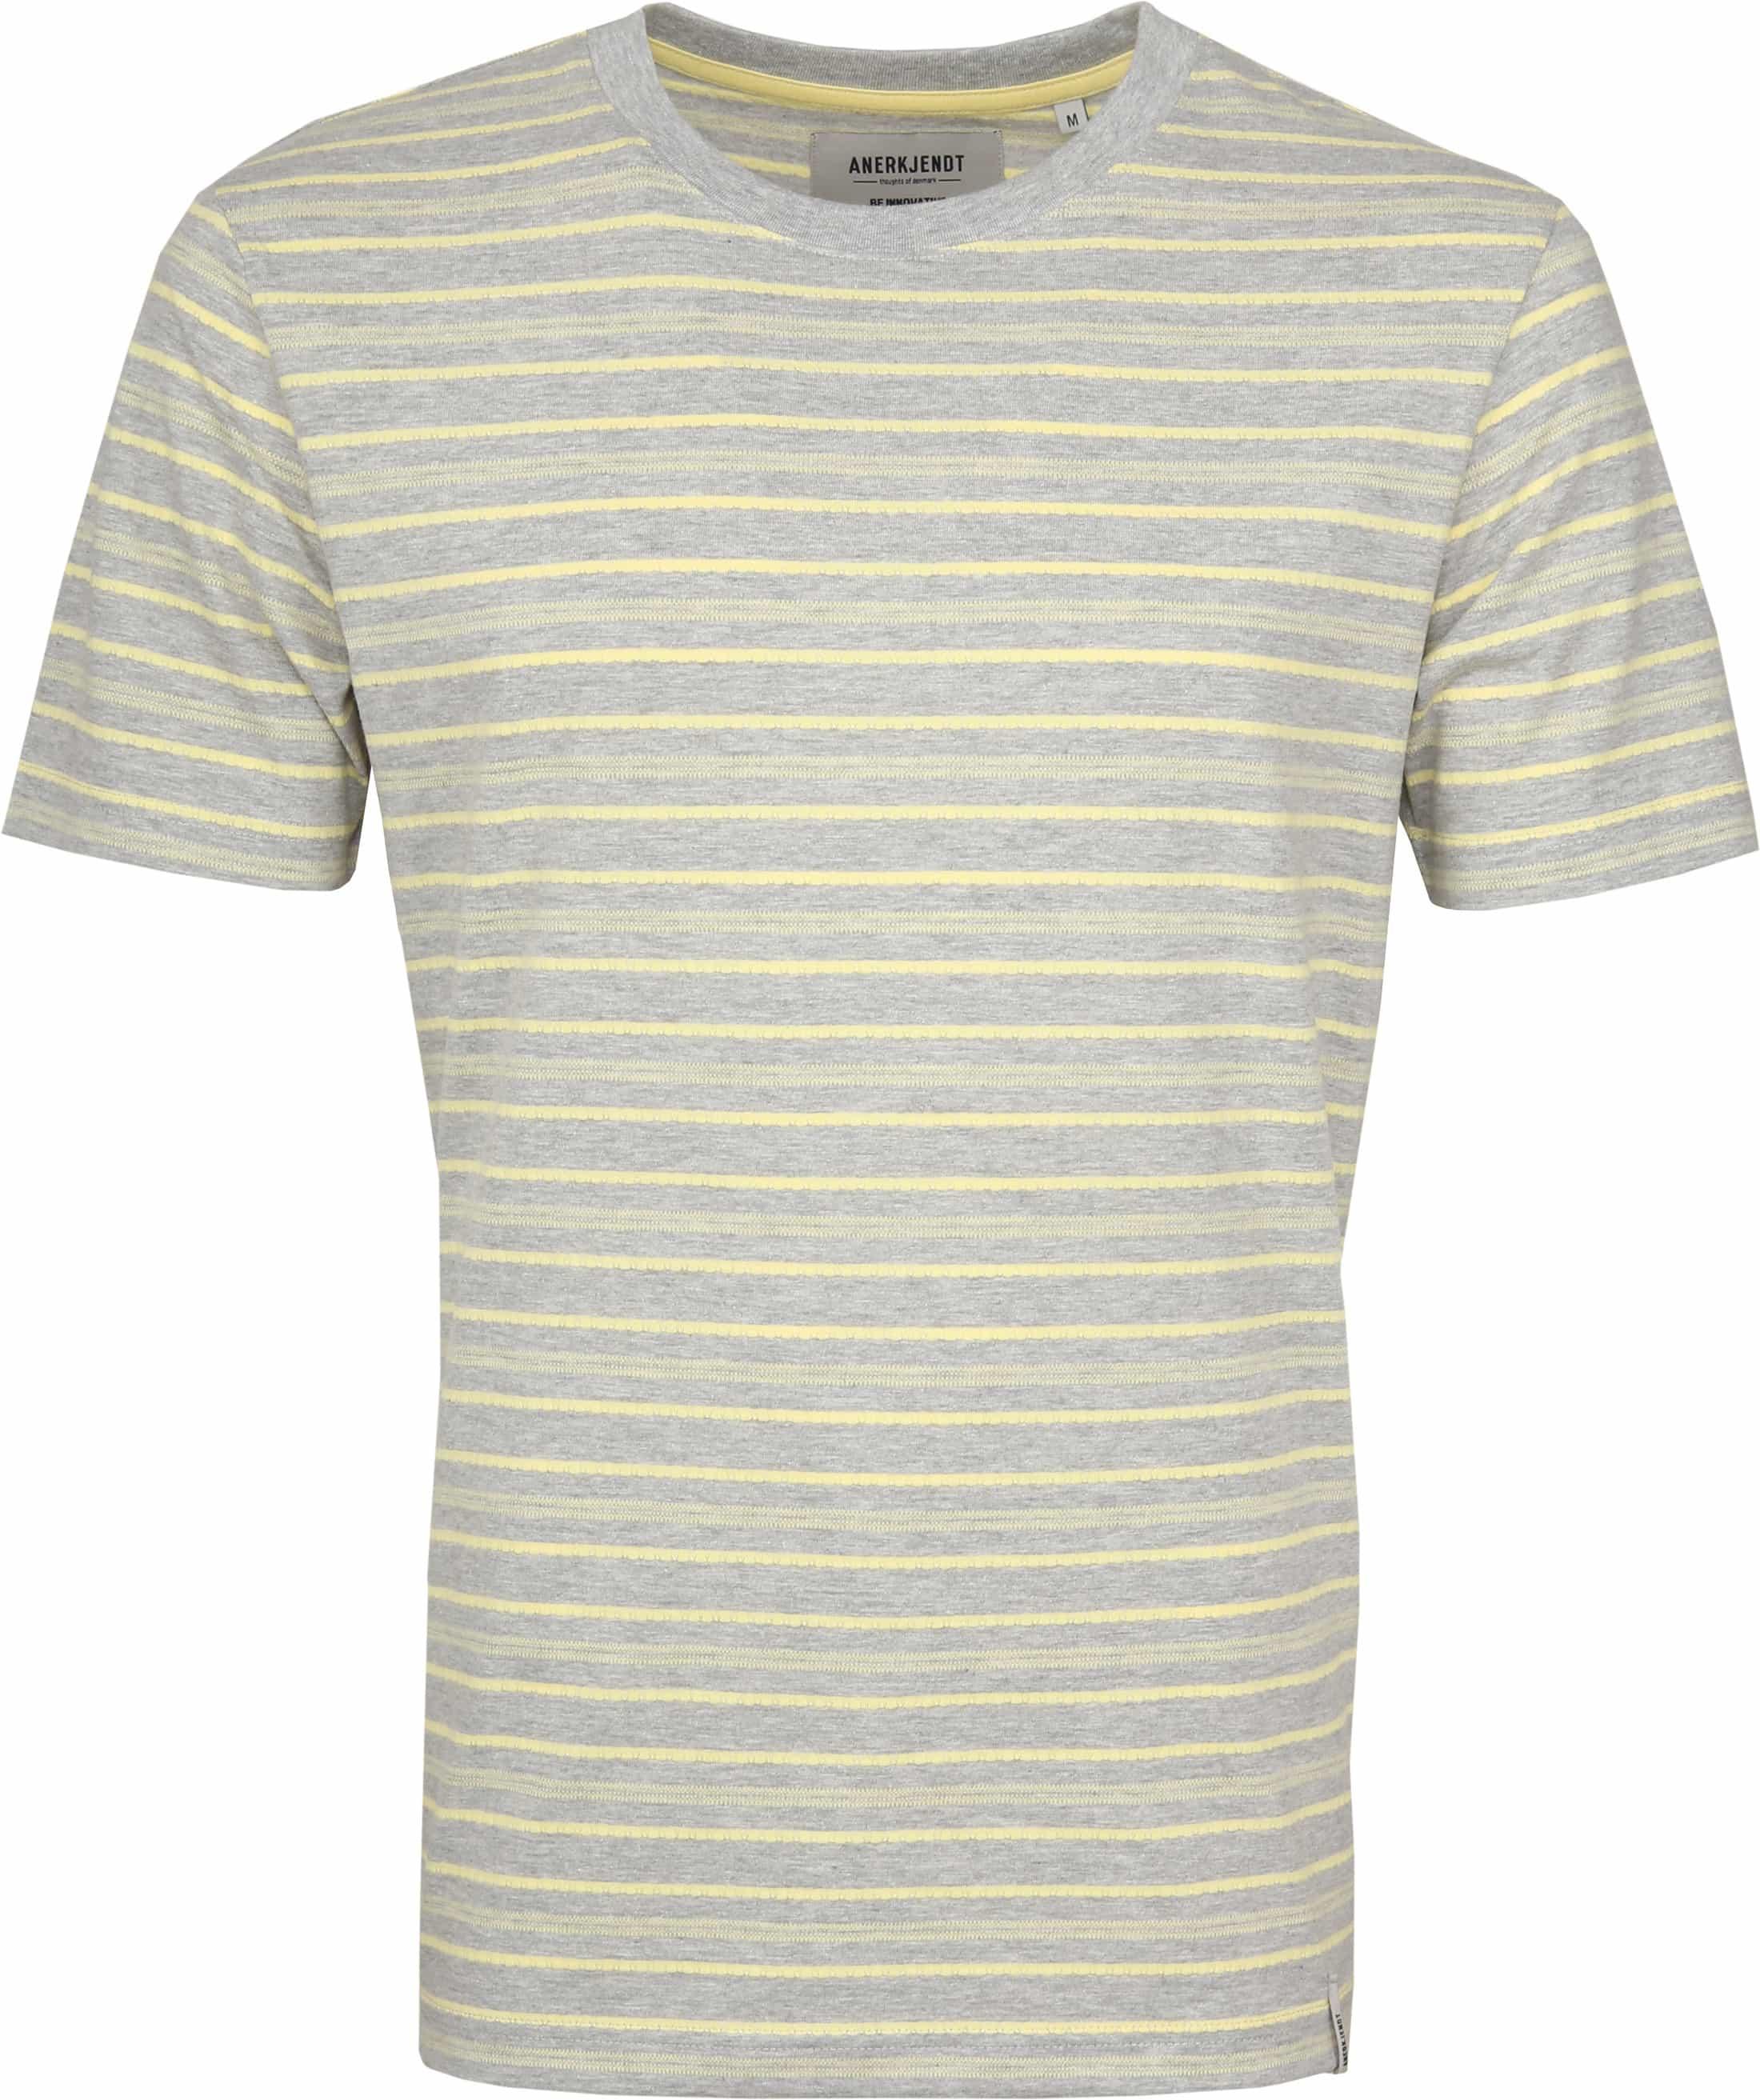 d9e6686220f Anerkjendt T-shirt Popcorn Yellow 9219330-1013 order online